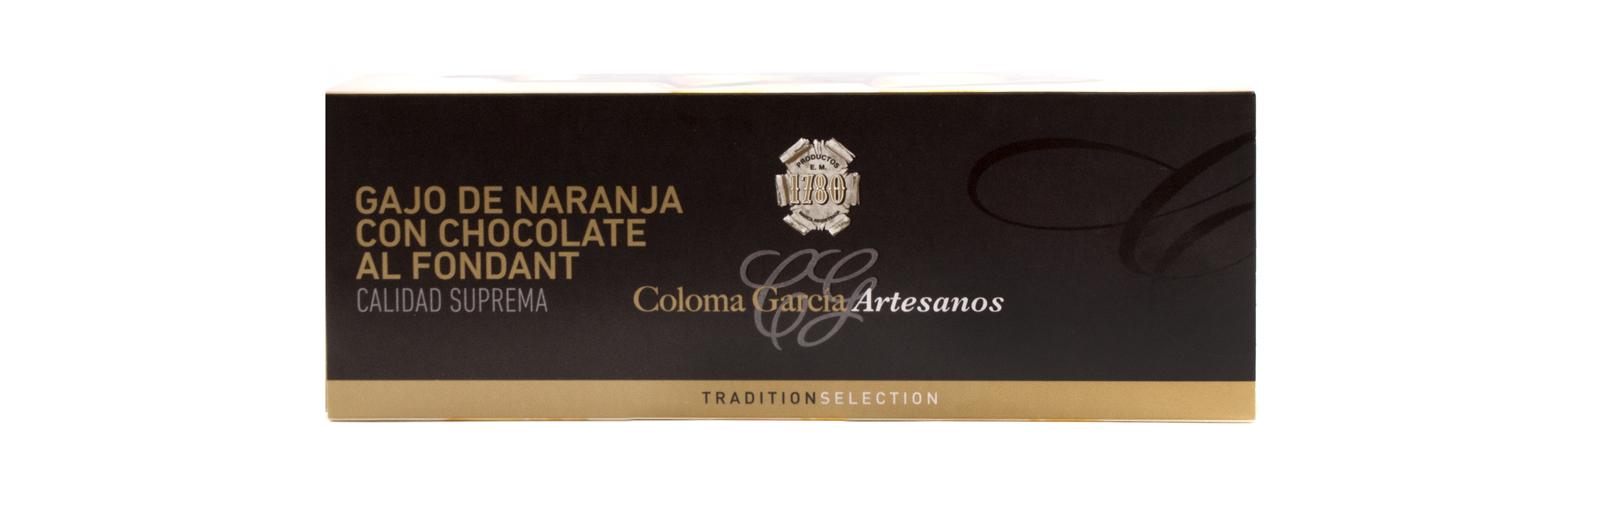 GAJO DE NARANJA CON CHOCOLATE AL FONDANT